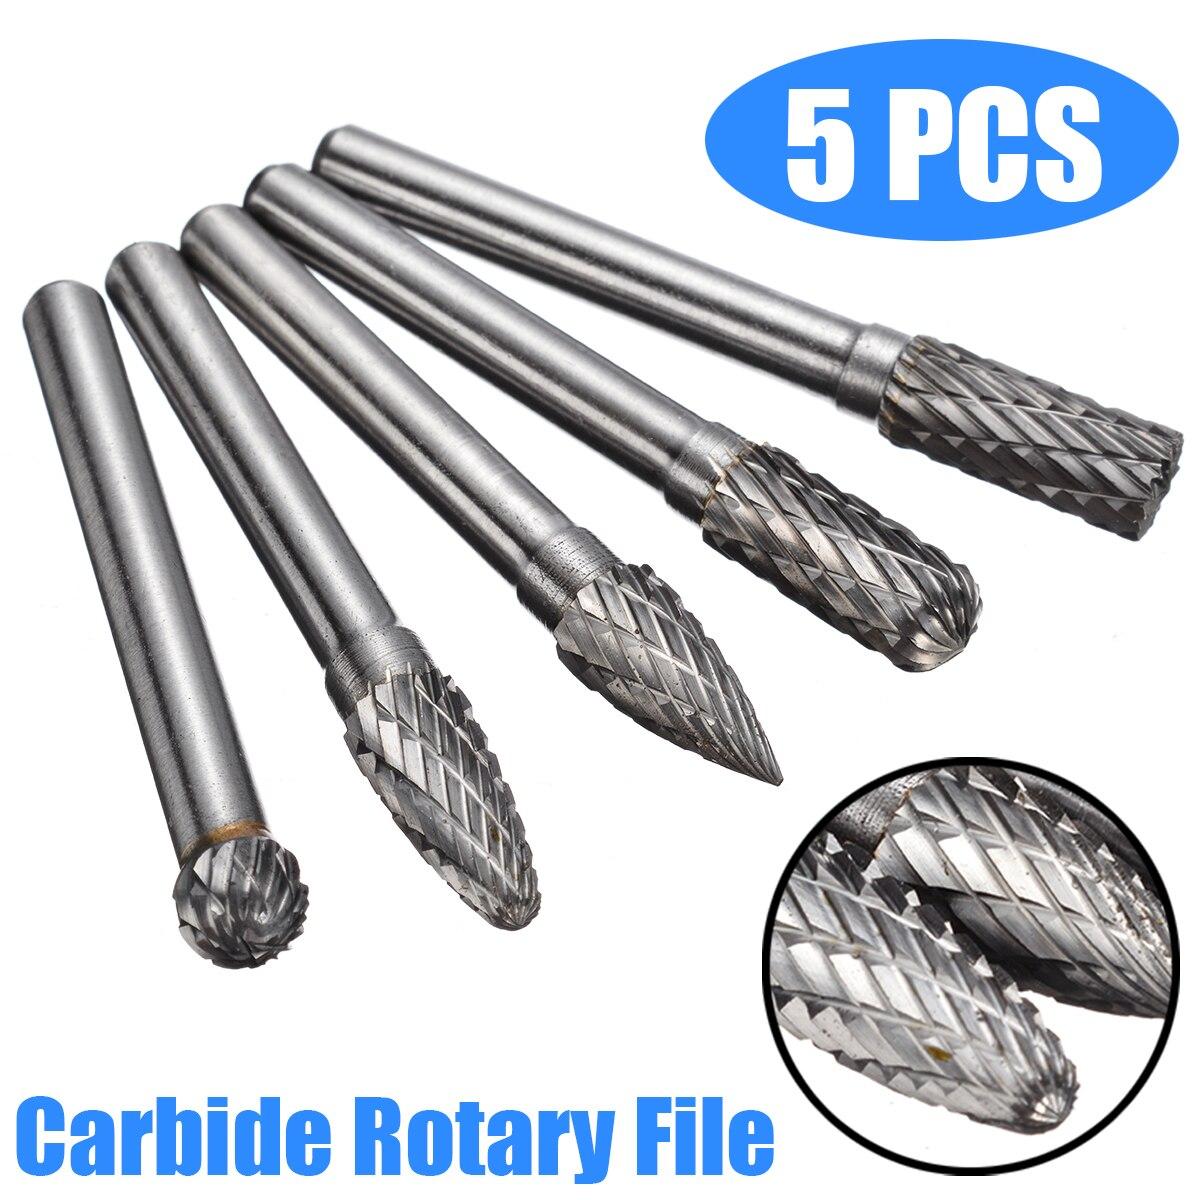 8MM Head Tungsten Carbide Rotary Point Burr Burs Die Grinder 6mm Shank Tools